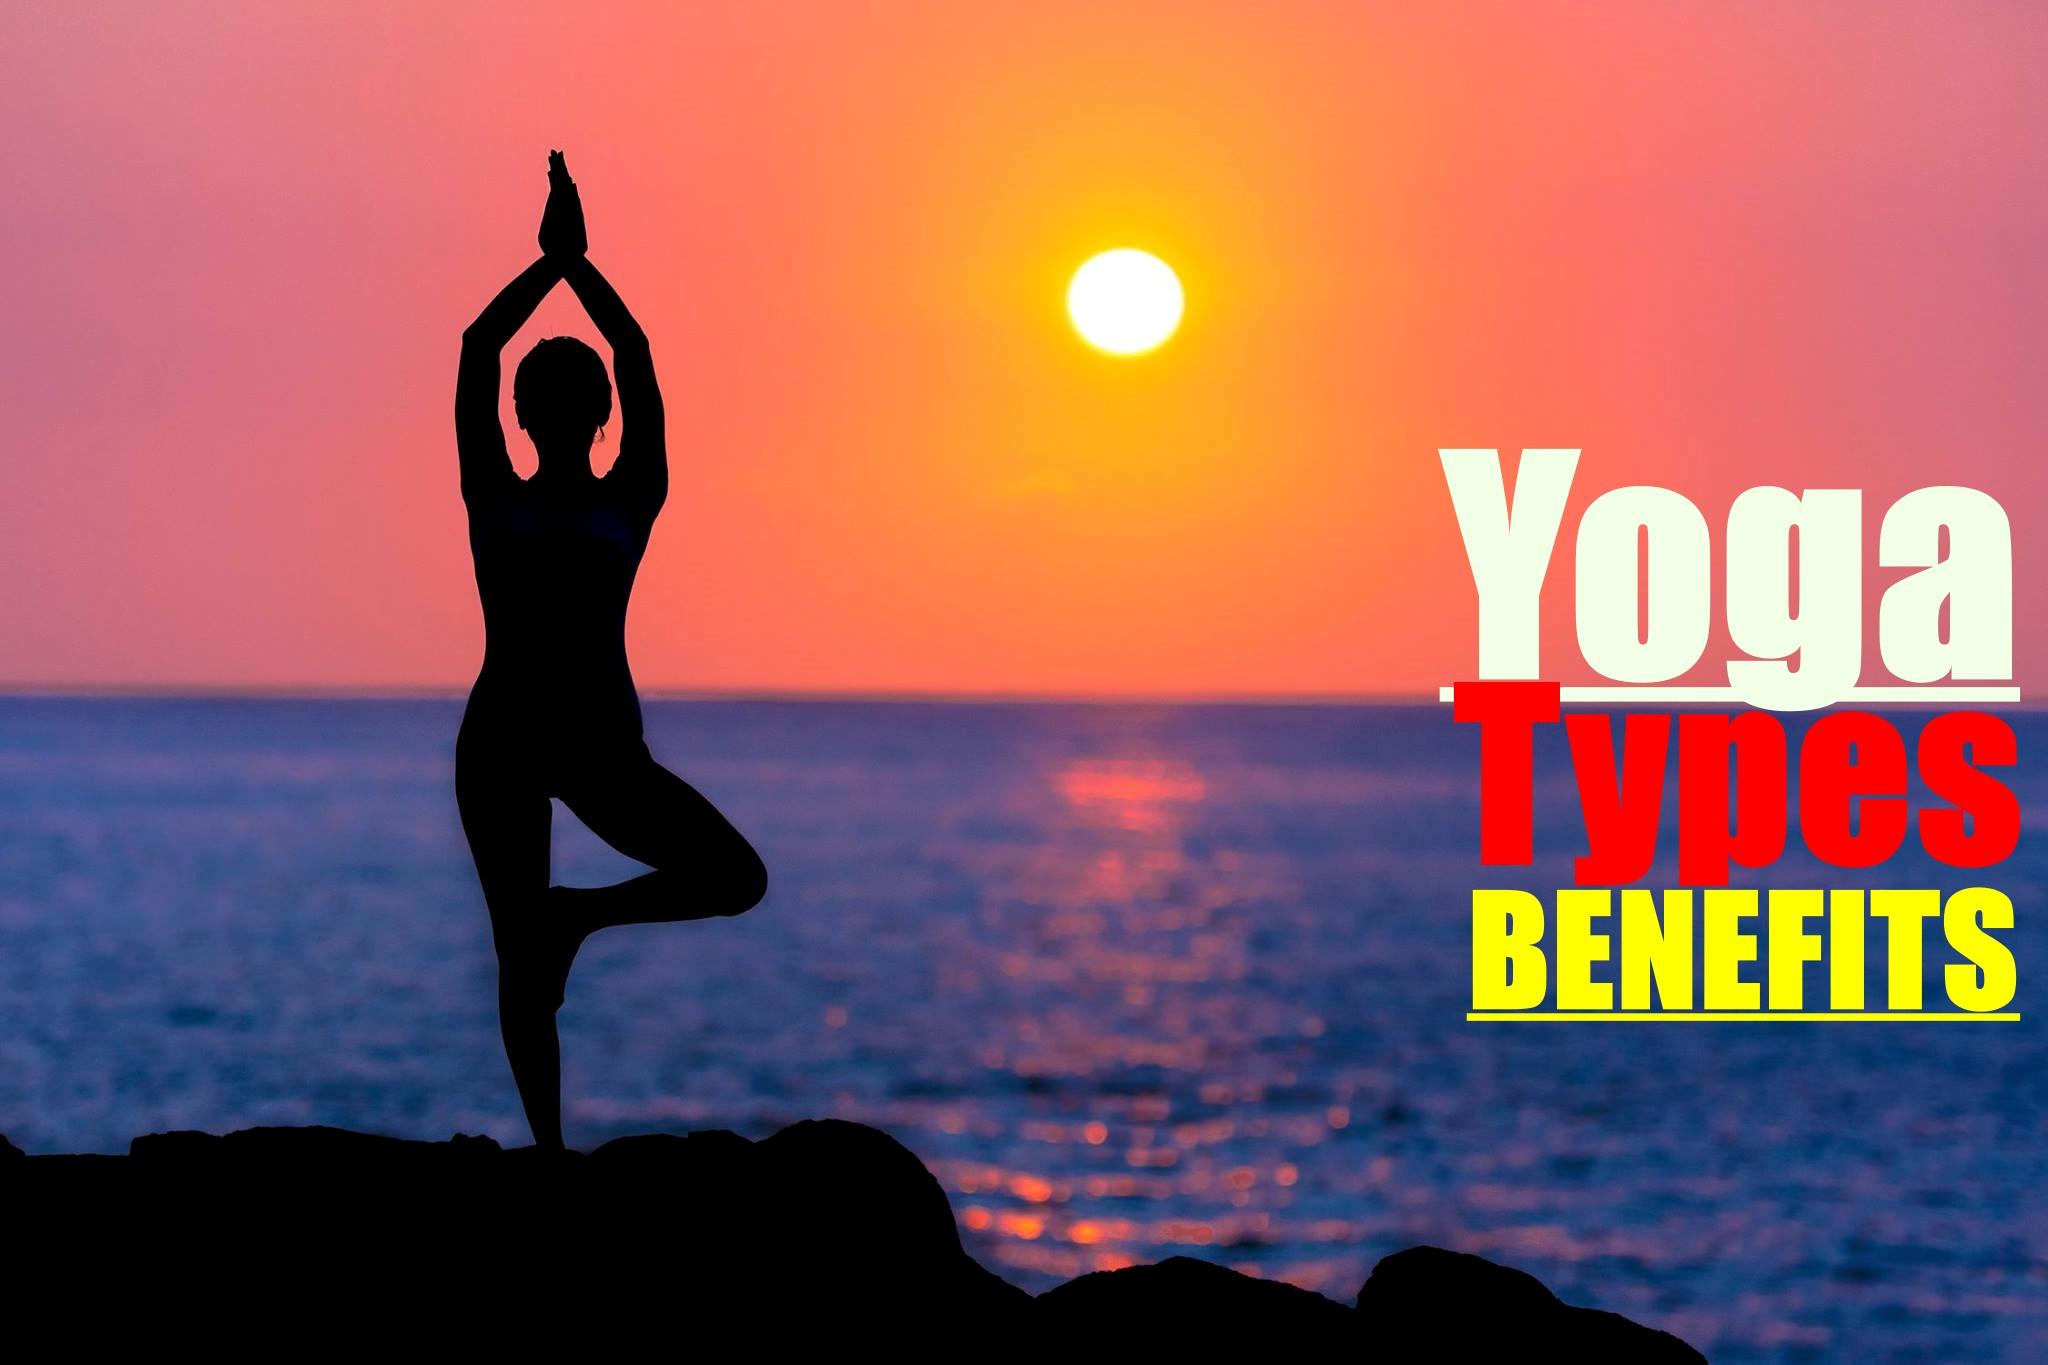 yoga and its benifits 2020